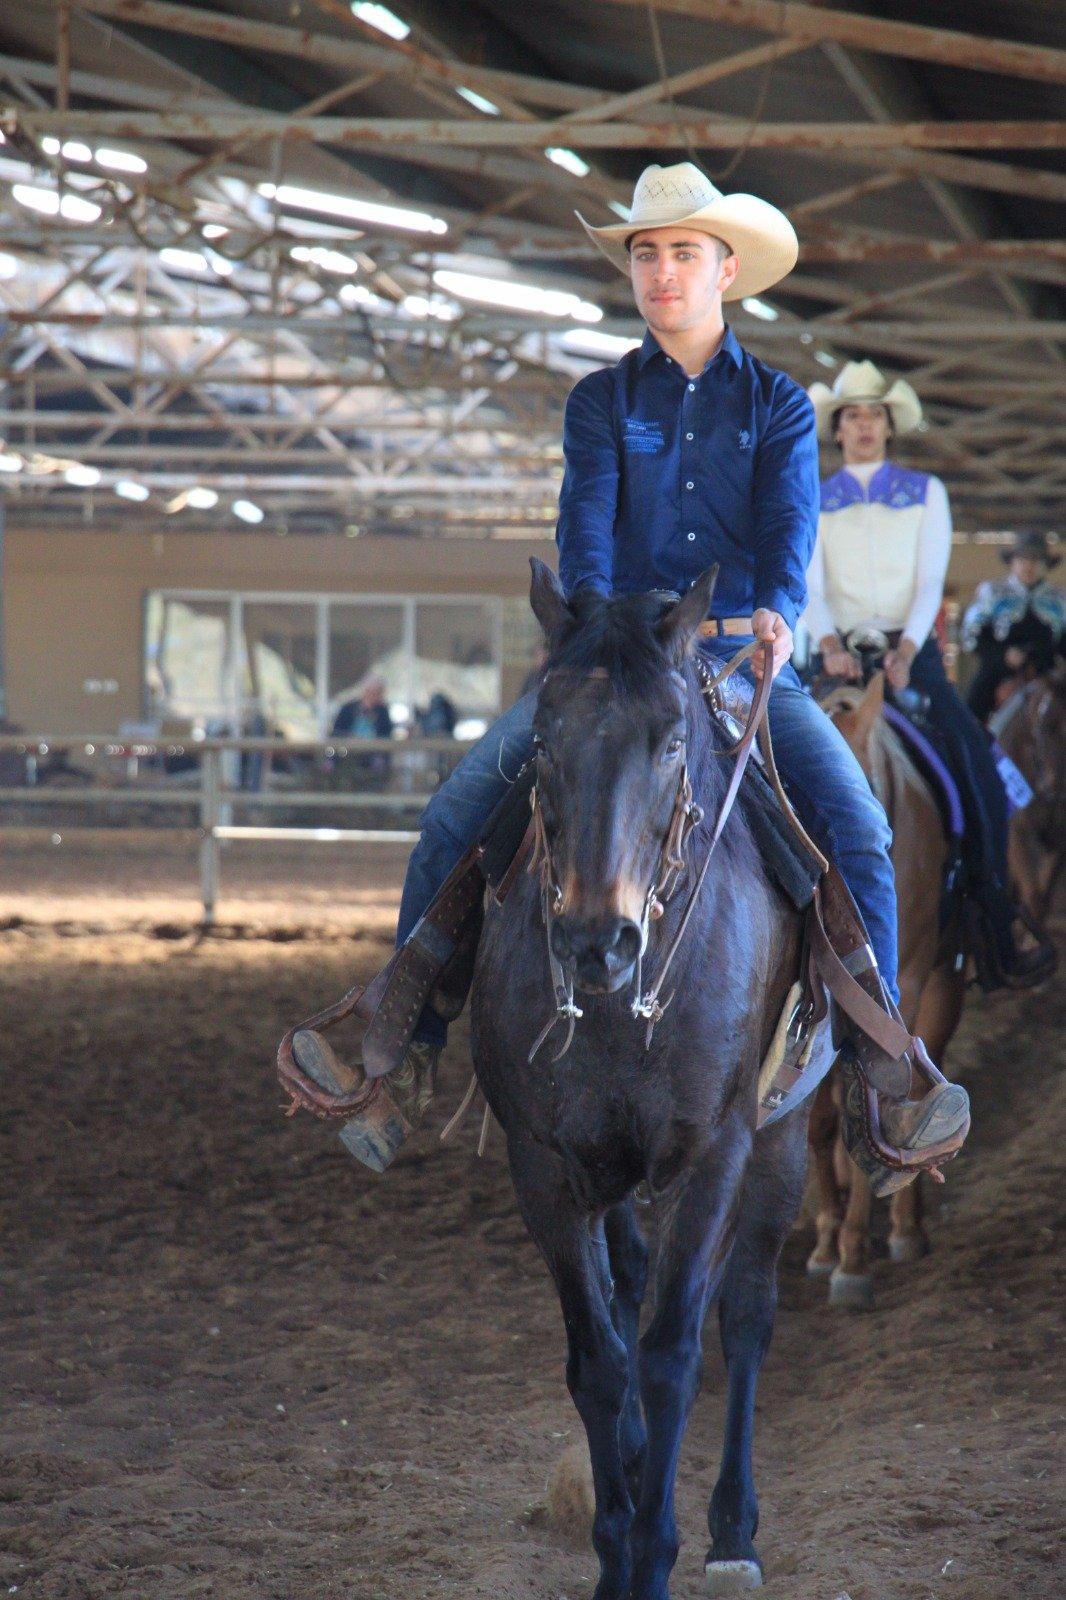 نتائج مشرفة ورائعة يسجلها طلاب مربط ابو ماجد للخيول في ام الفحم خلال مسابقة قطرية في كيبوتس مجال